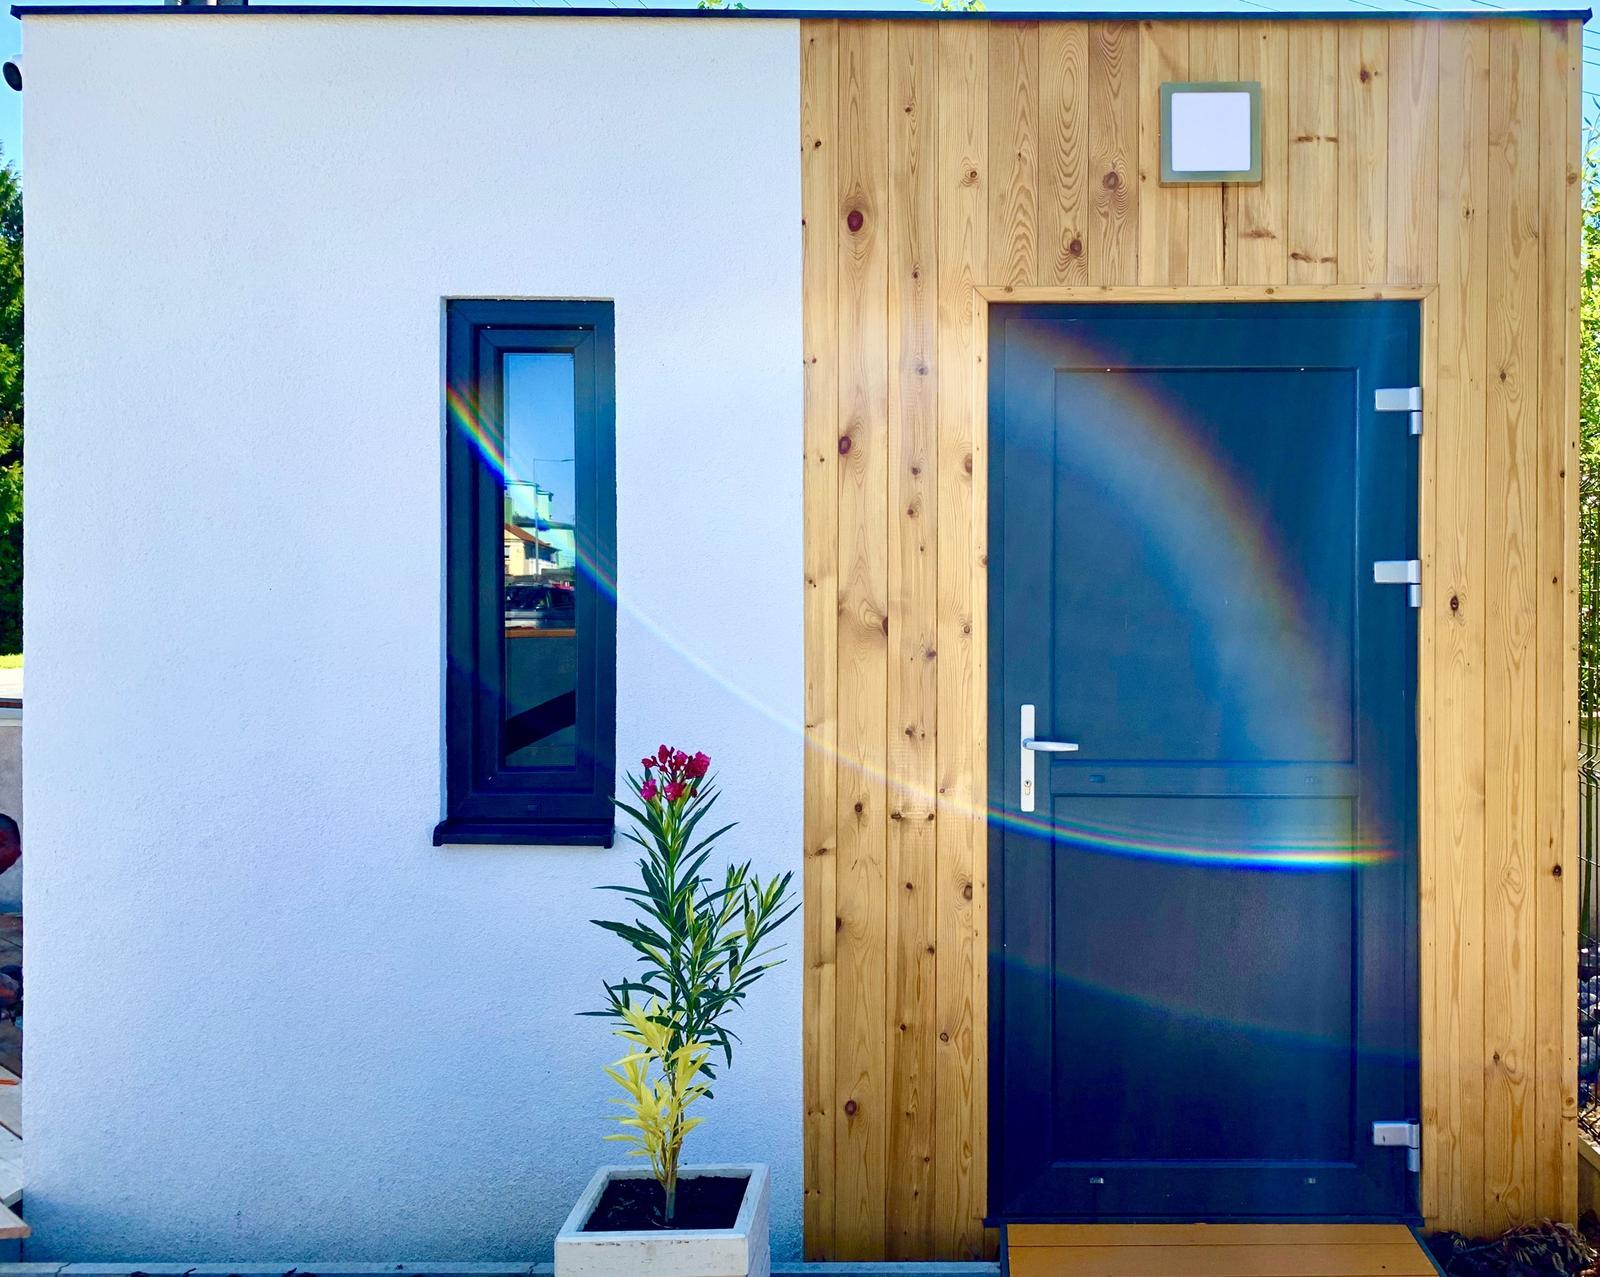 HOME&GARDEN CENTRUM-Záhrady na kľúč,vizualizácie záhrad,terénne úpravy - Obrázok č. 1